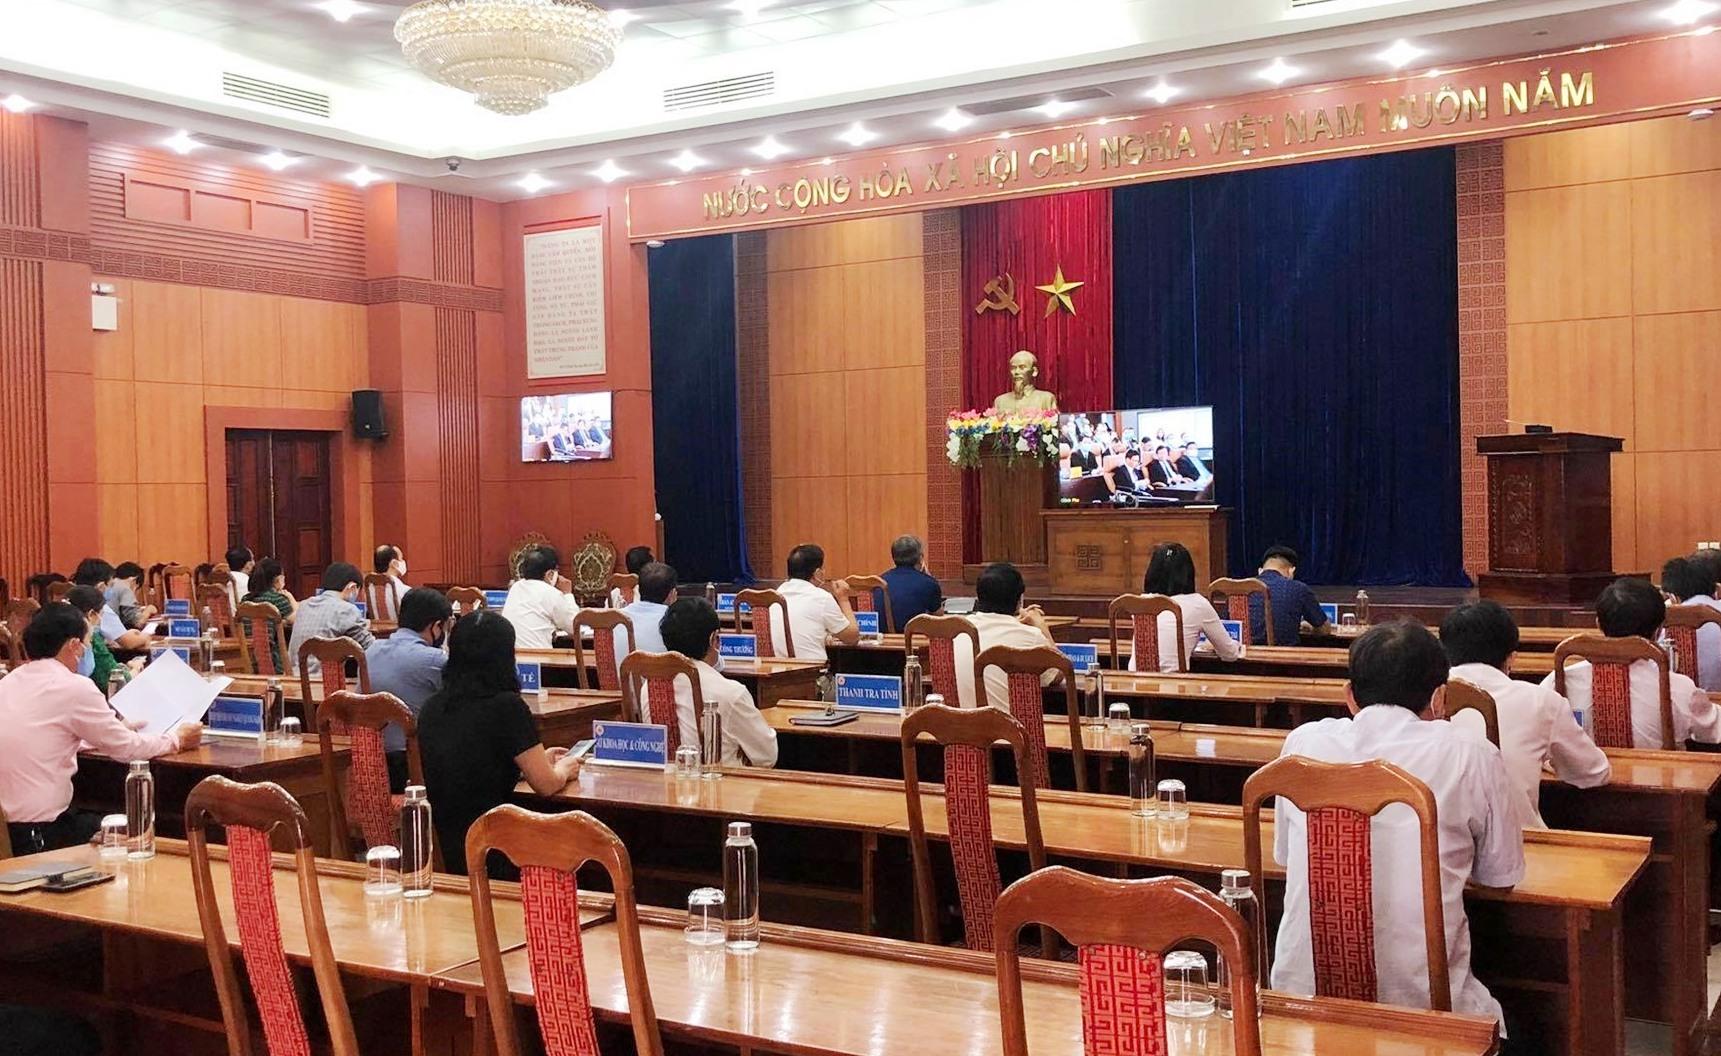 Các đại biểu tại điểm cầu Quảng Nam theo dõi lễ khai trương trực tuyến. Ảnh: V.A